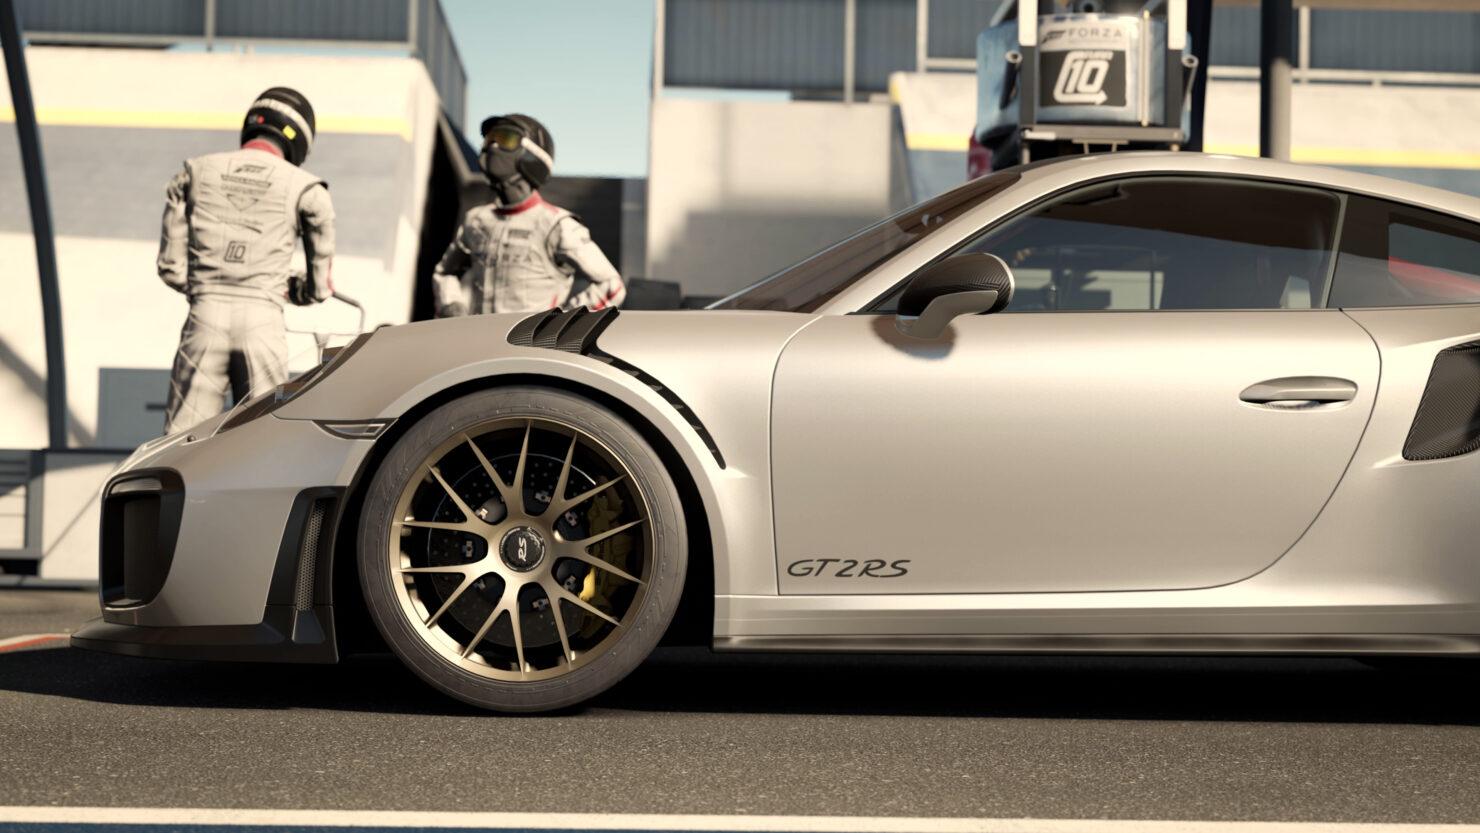 forza-motorsport-7-porsche-gt2-rs-4k-left-stop